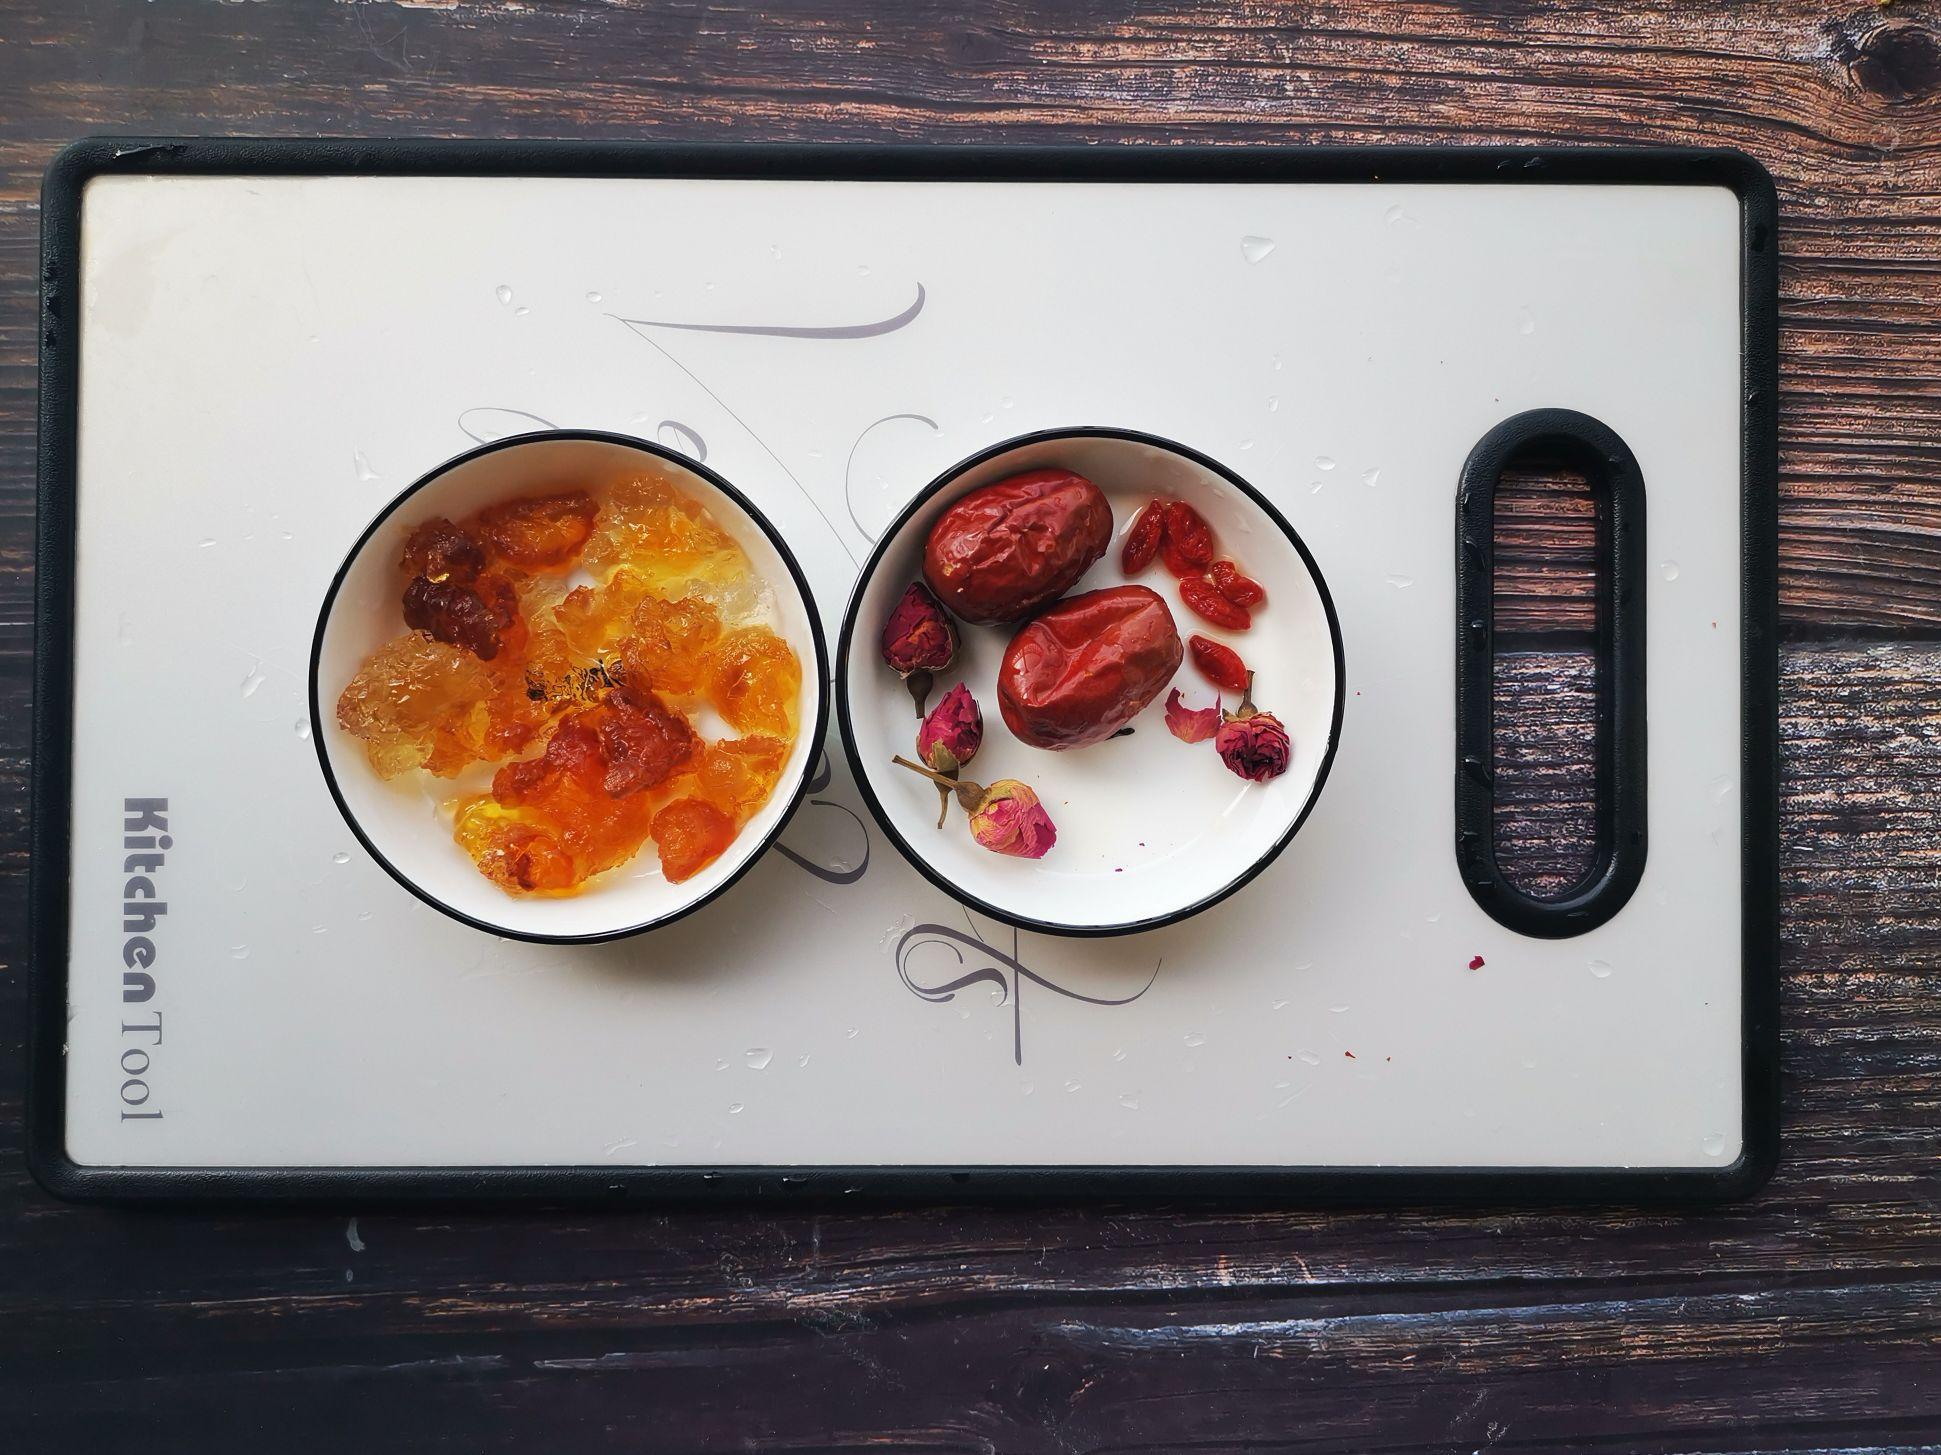 桃胶玫瑰花茶的做法图解